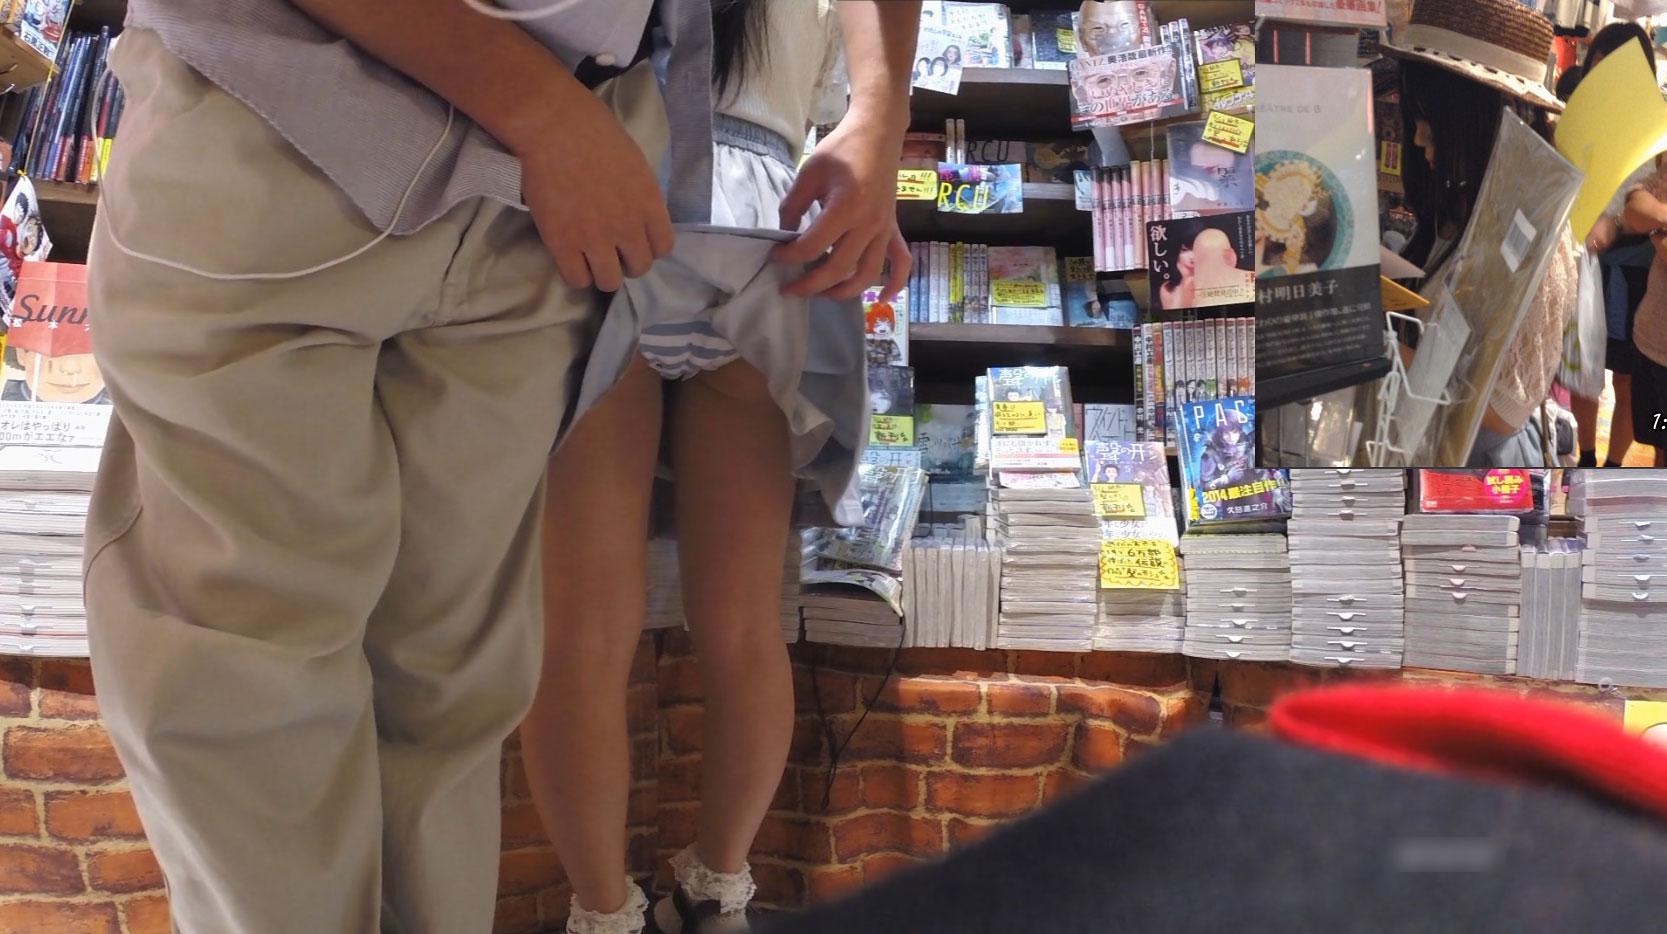 本屋で女の子のスカートを捲り上げた!